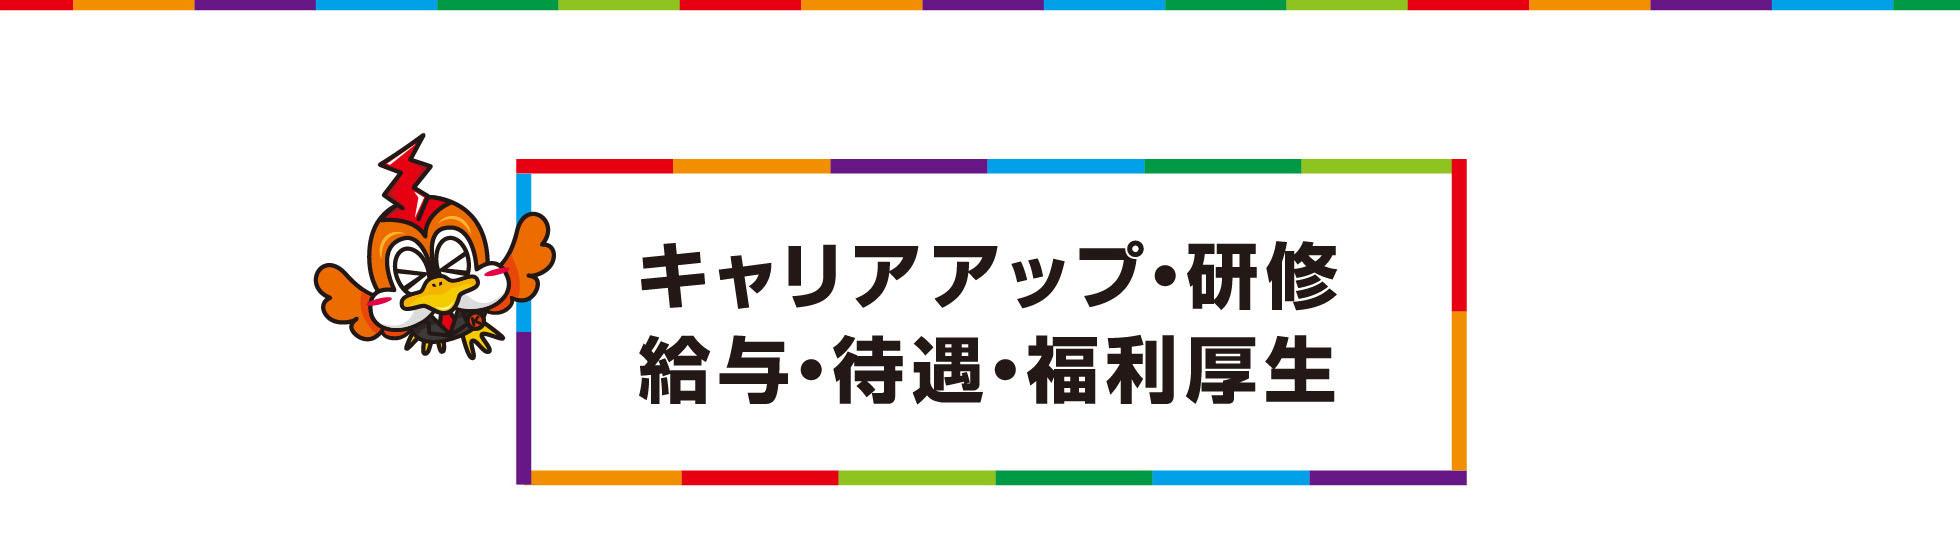 福利厚生&キャリアアップ